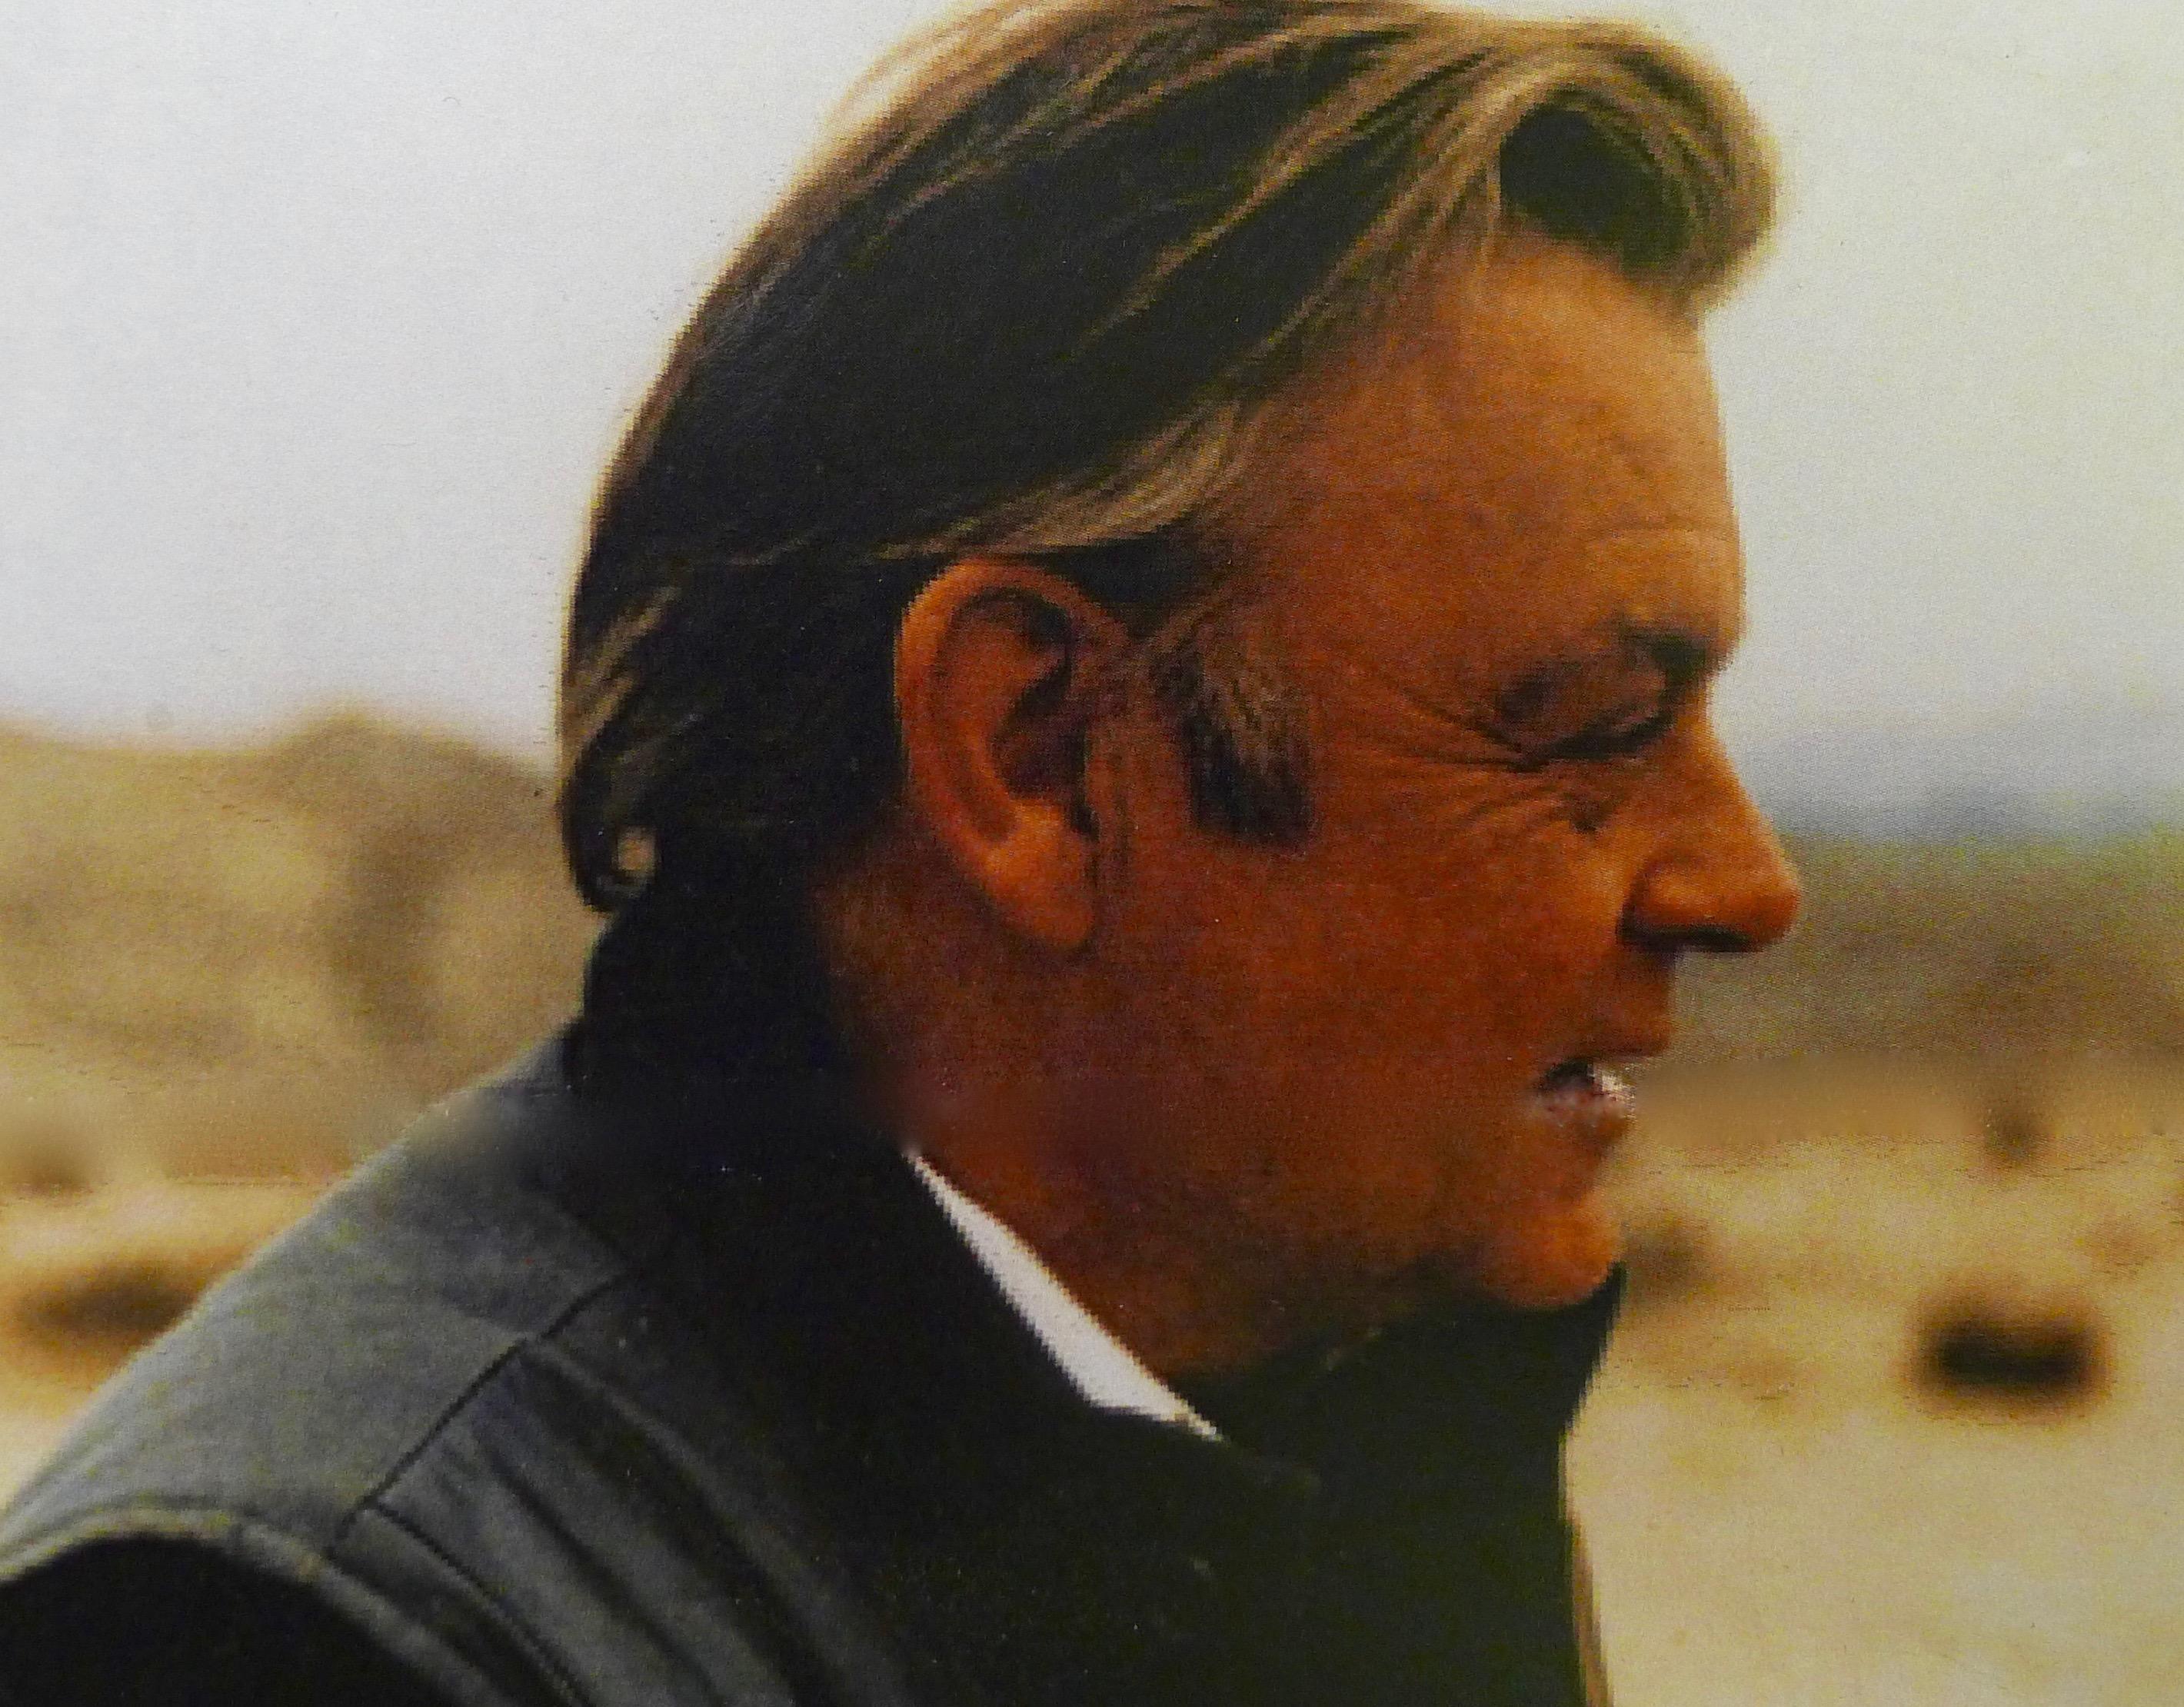 Arnie Schulkes